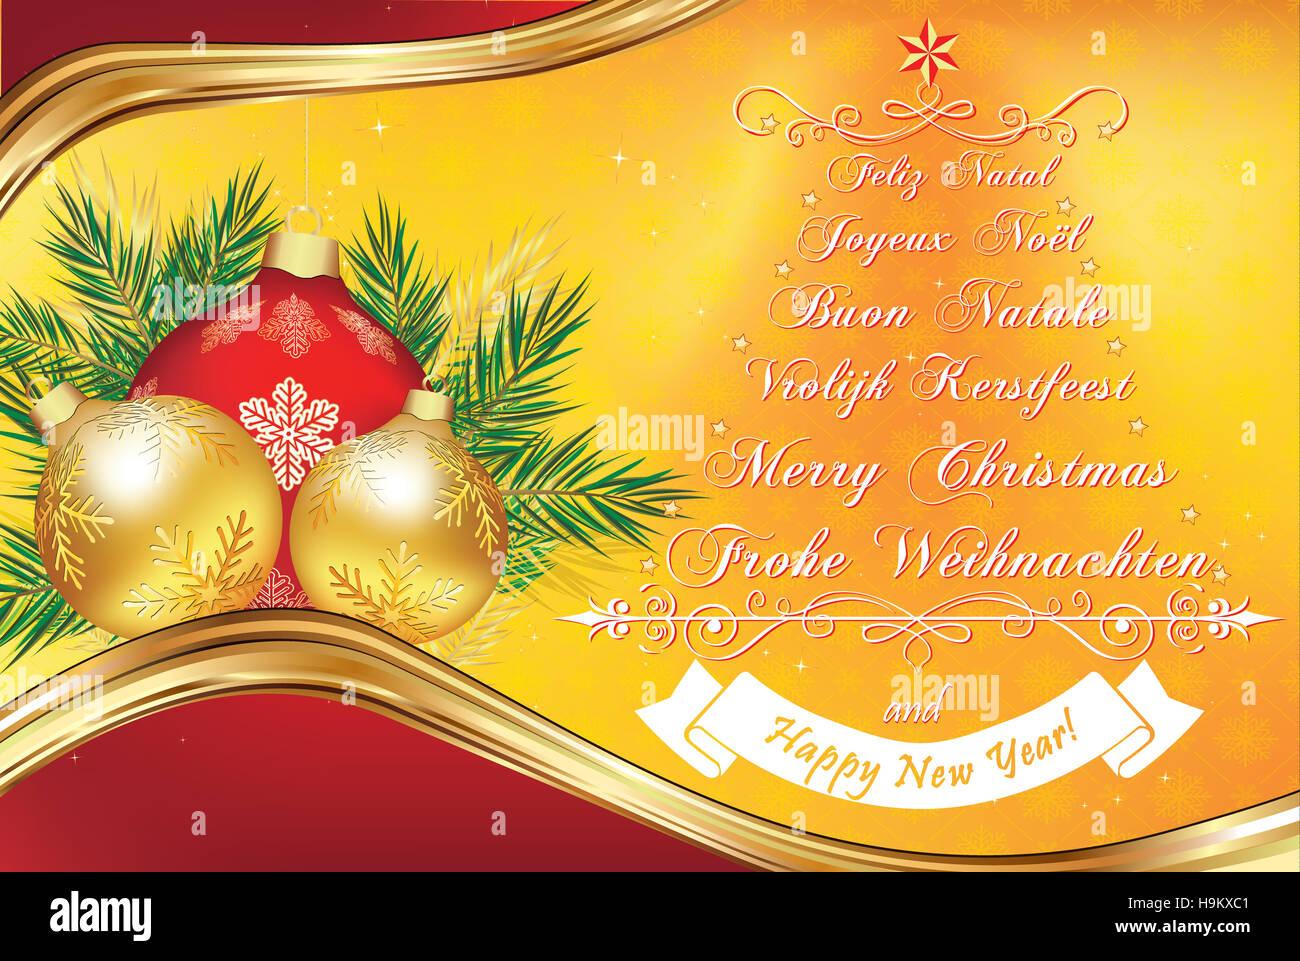 Carte de voeux Nouvel An chaud en plusieurs langues : Joyeux Noël